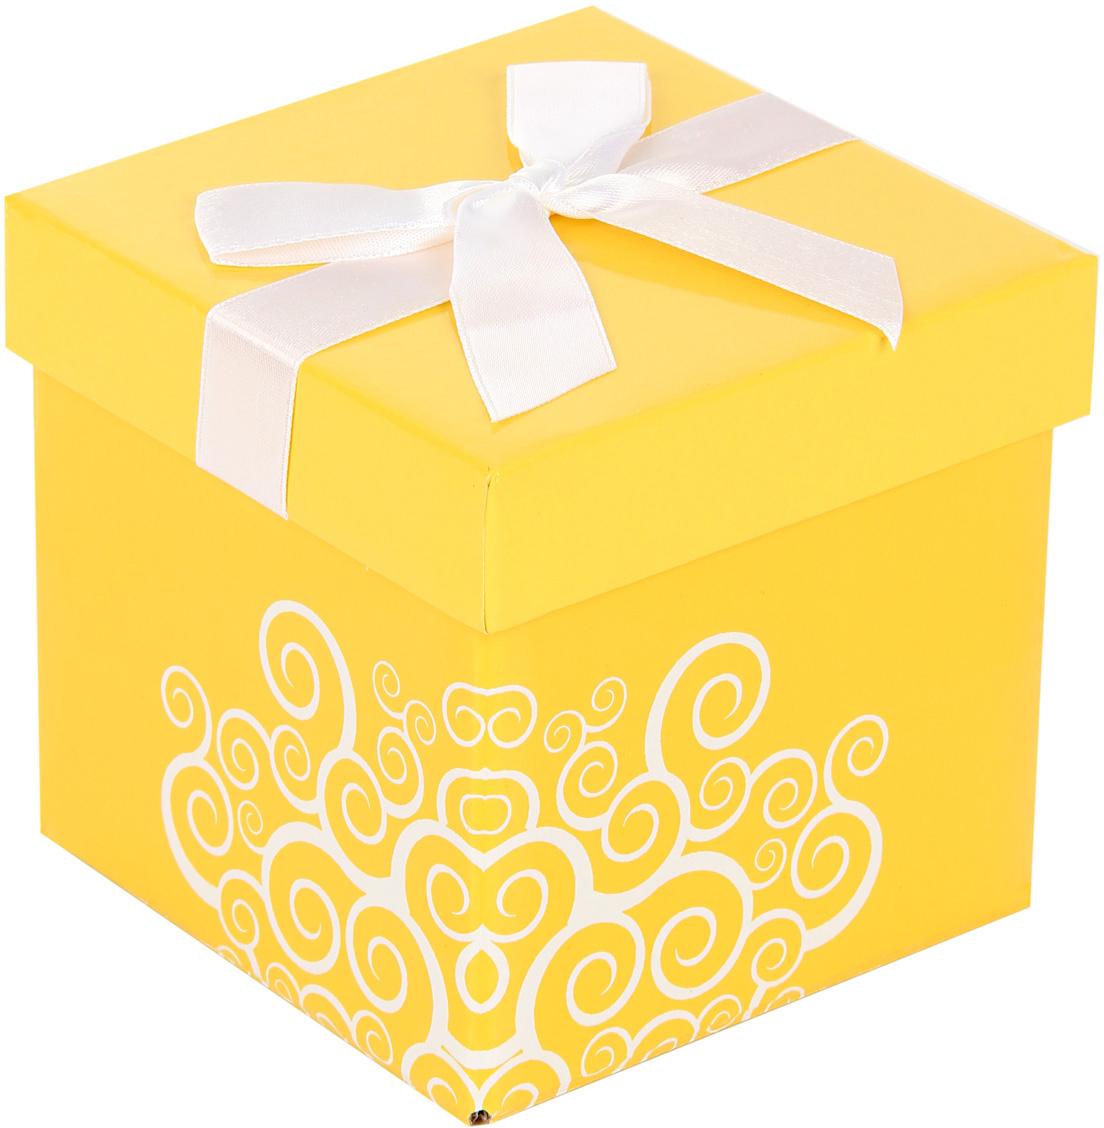 Коробка подарочная Veld-Co Giftbox. Трансформер. Солнечное настроение, цвет: оранжевый, 10,3 х 10,3 х 9,8 см59386Подарочная коробка Veld-Co - это наилучшее решение, если выхотите порадовать ваших близких и создать праздничное настроение, ведь подарок, преподнесенный в оригинальной упаковке, всегда будет самым эффектным и запоминающимся. Окружите близких людей вниманием и заботой, вручив презент в нарядном, праздничном оформлении.